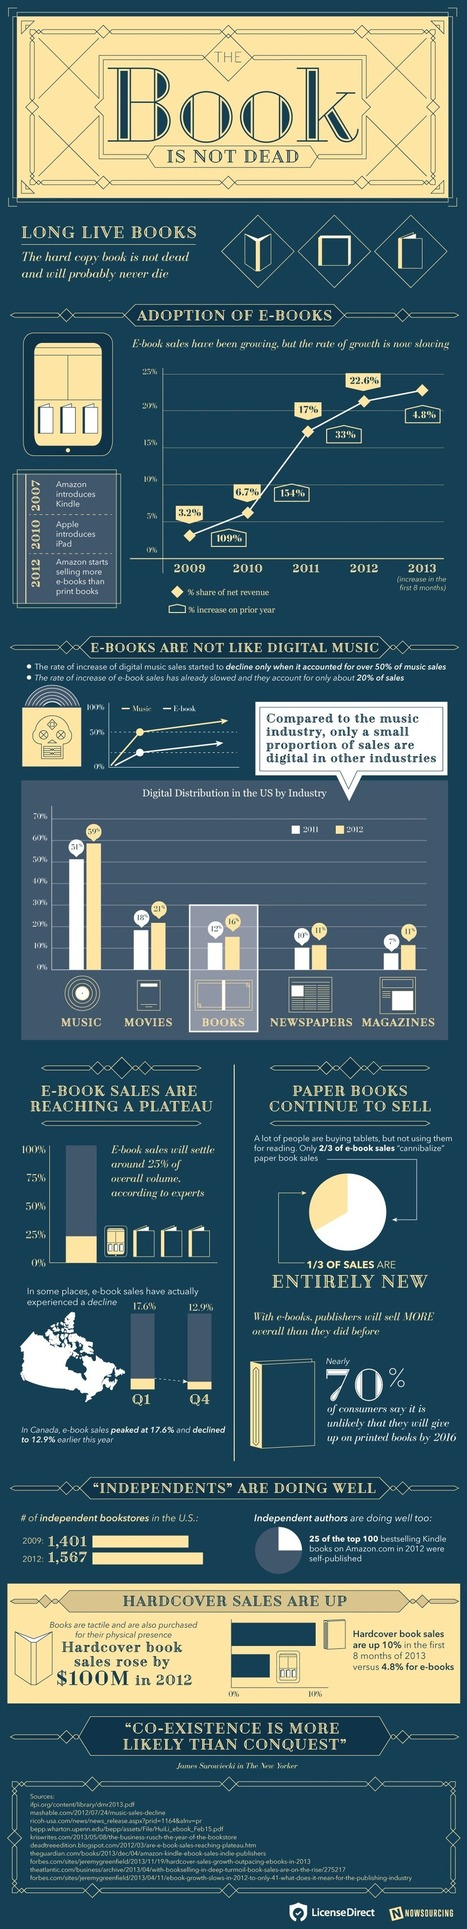 El libro no está muerto #infografia #infographic | Uso inteligente de las herramientas TIC | Scoop.it